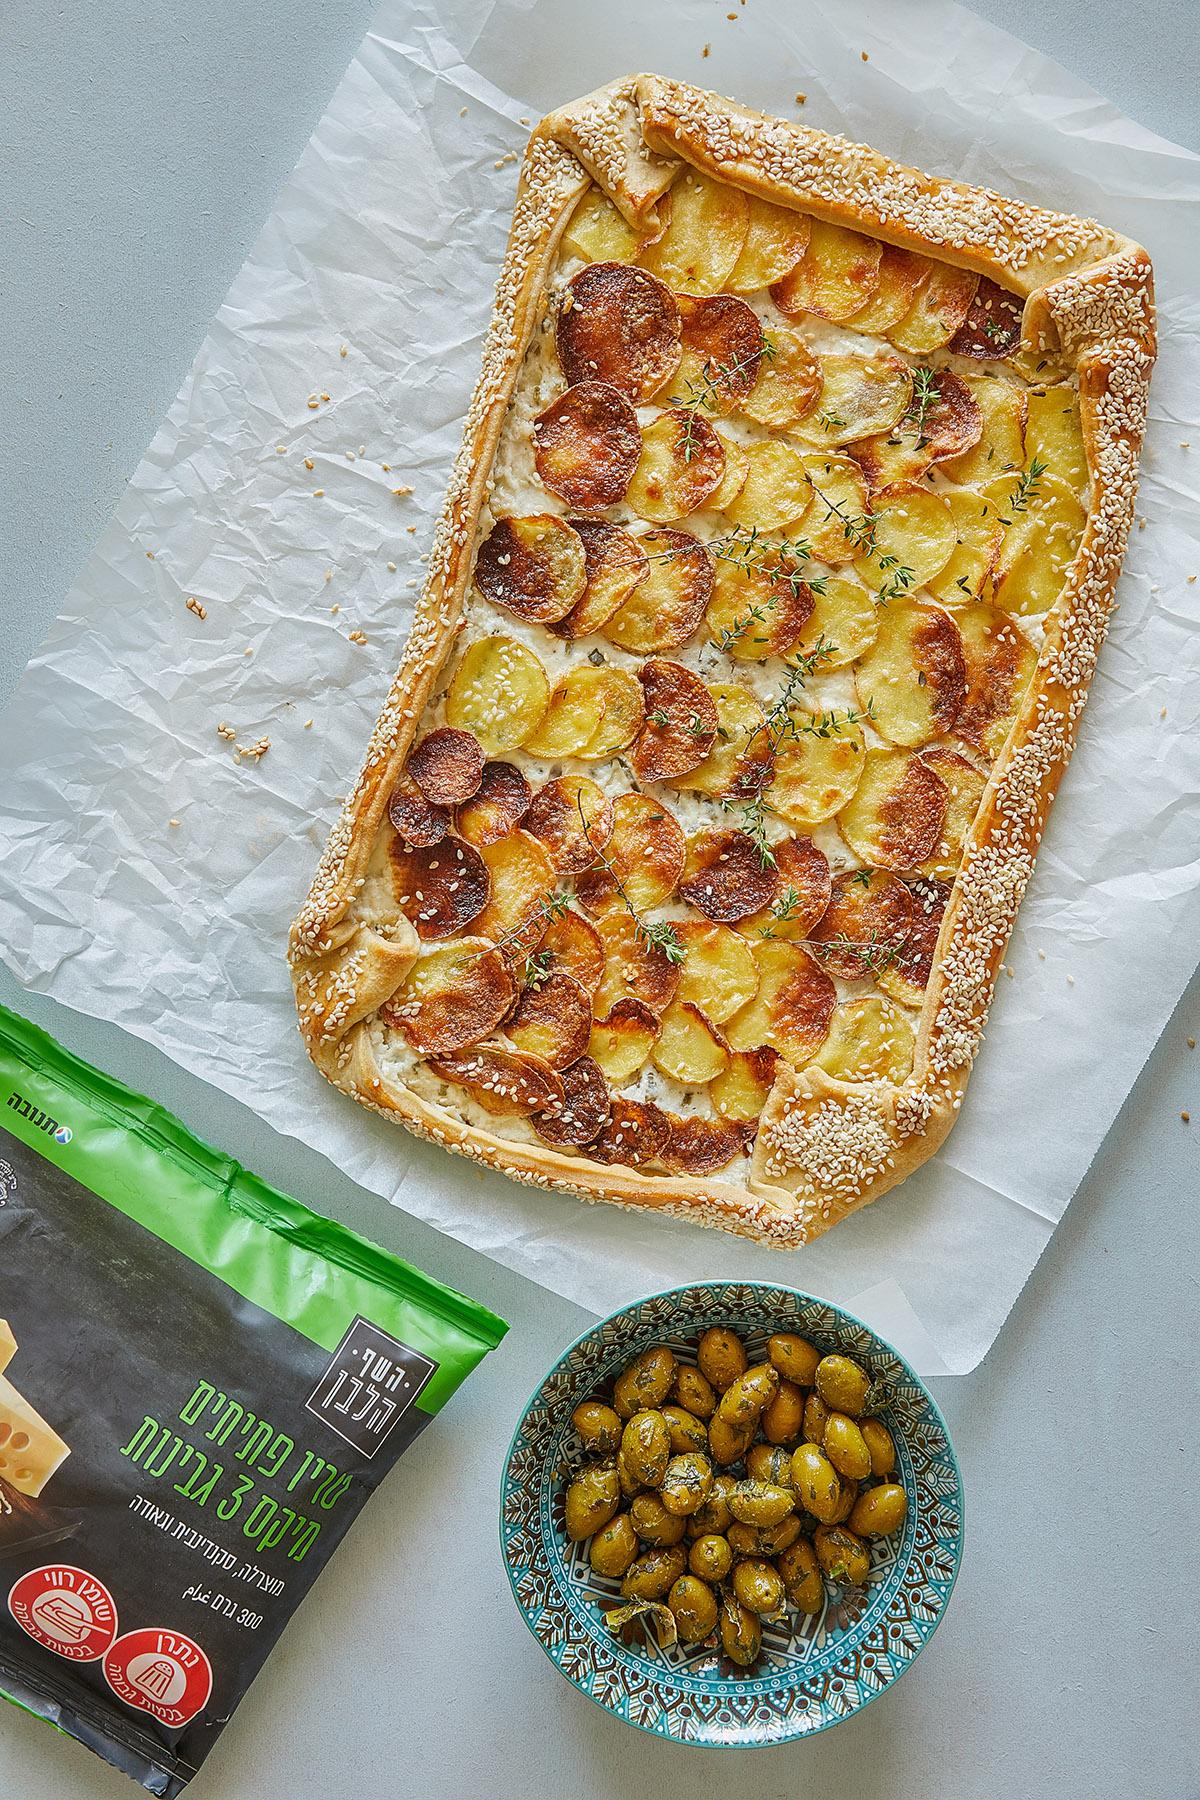 גאלט תפוחי אדמה מדורה עם גבינות. צילום: טל סיון צפורין